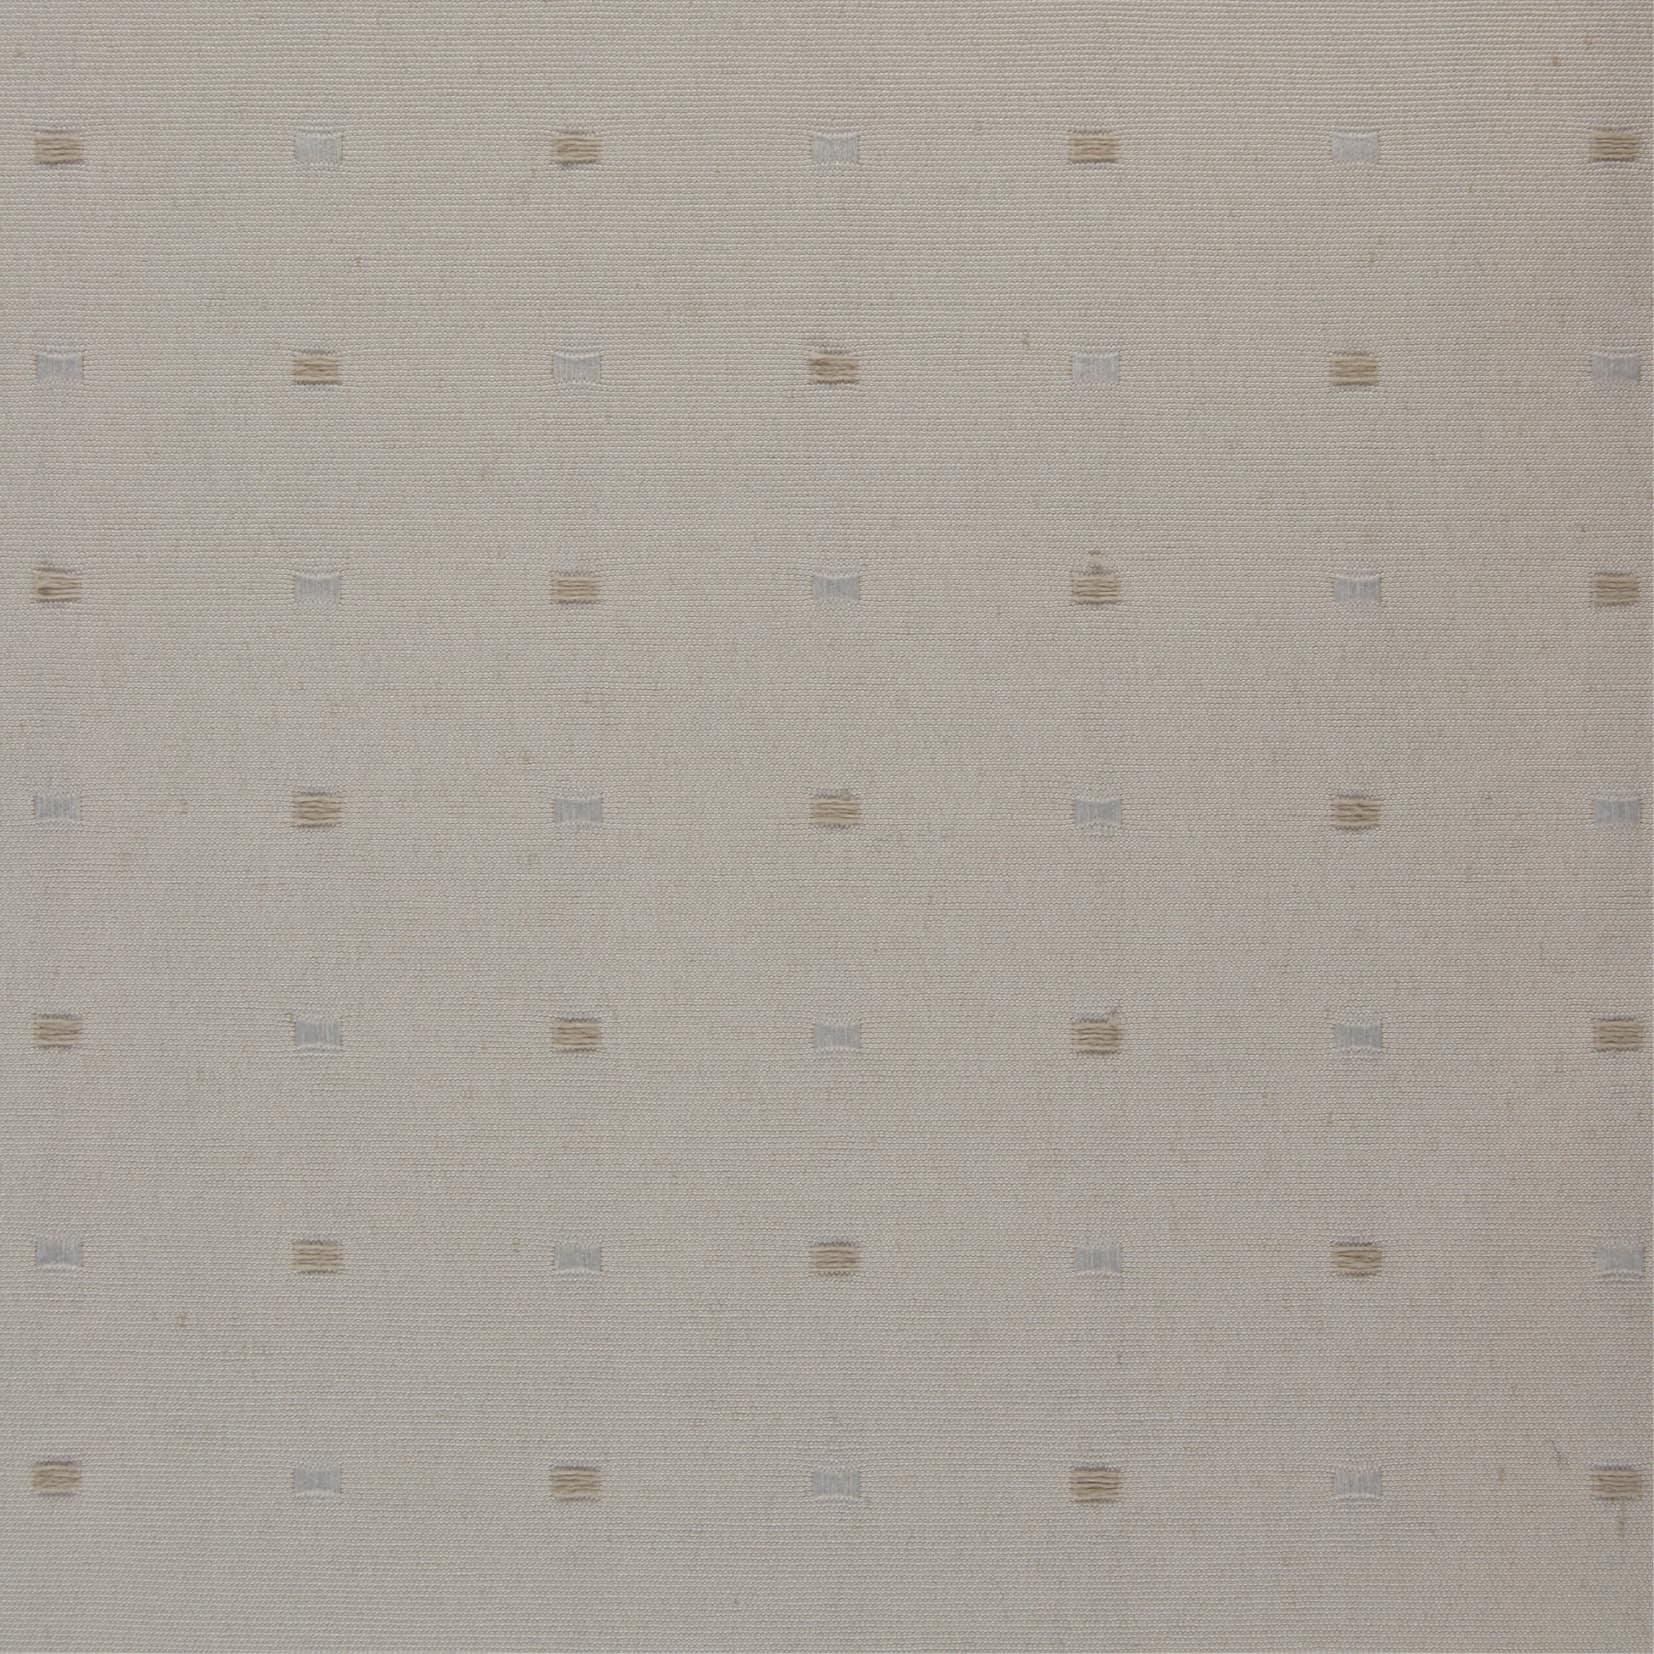 Cheapest Blinds Uk Ltd Cream Square Patterned Roman Blinds